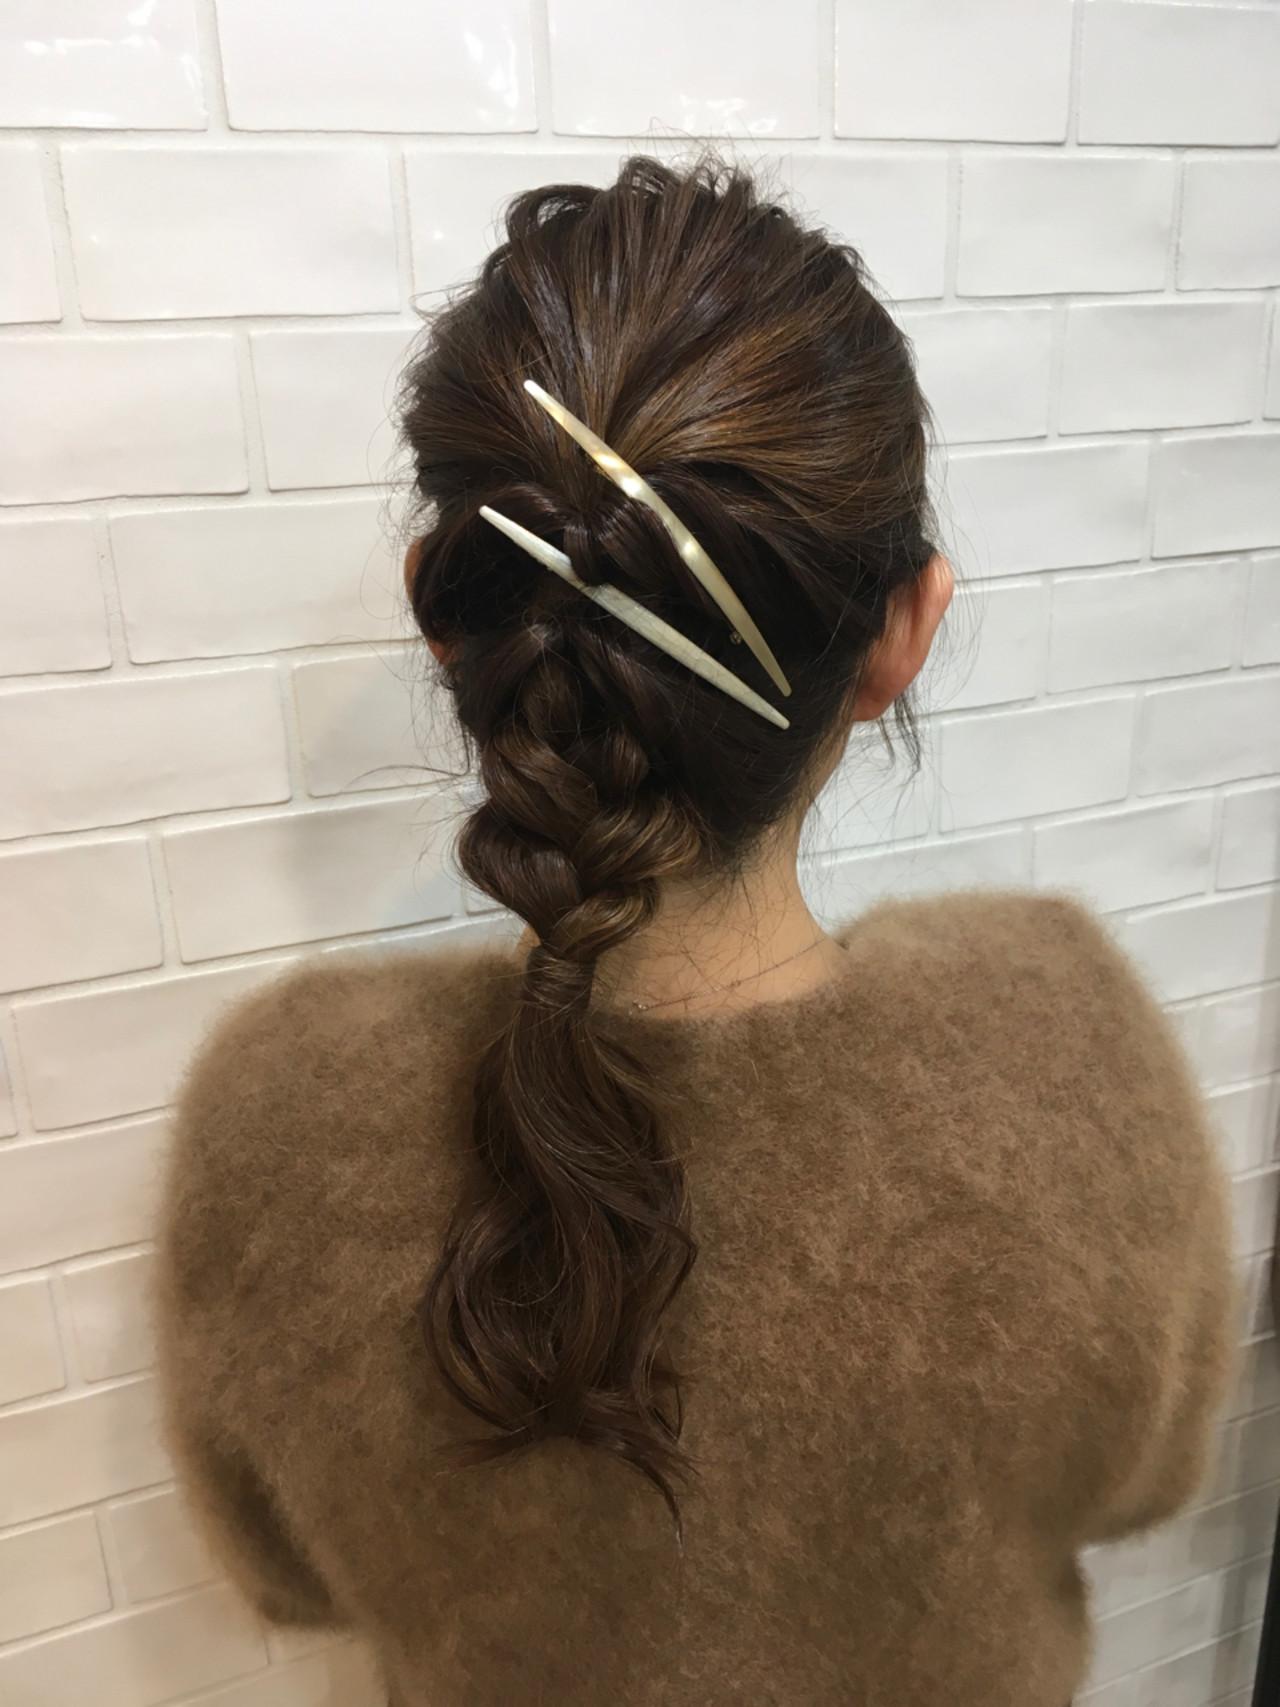 ガーリー 簡単ヘアアレンジ ヘアアレンジ 編み込み ヘアスタイルや髪型の写真・画像